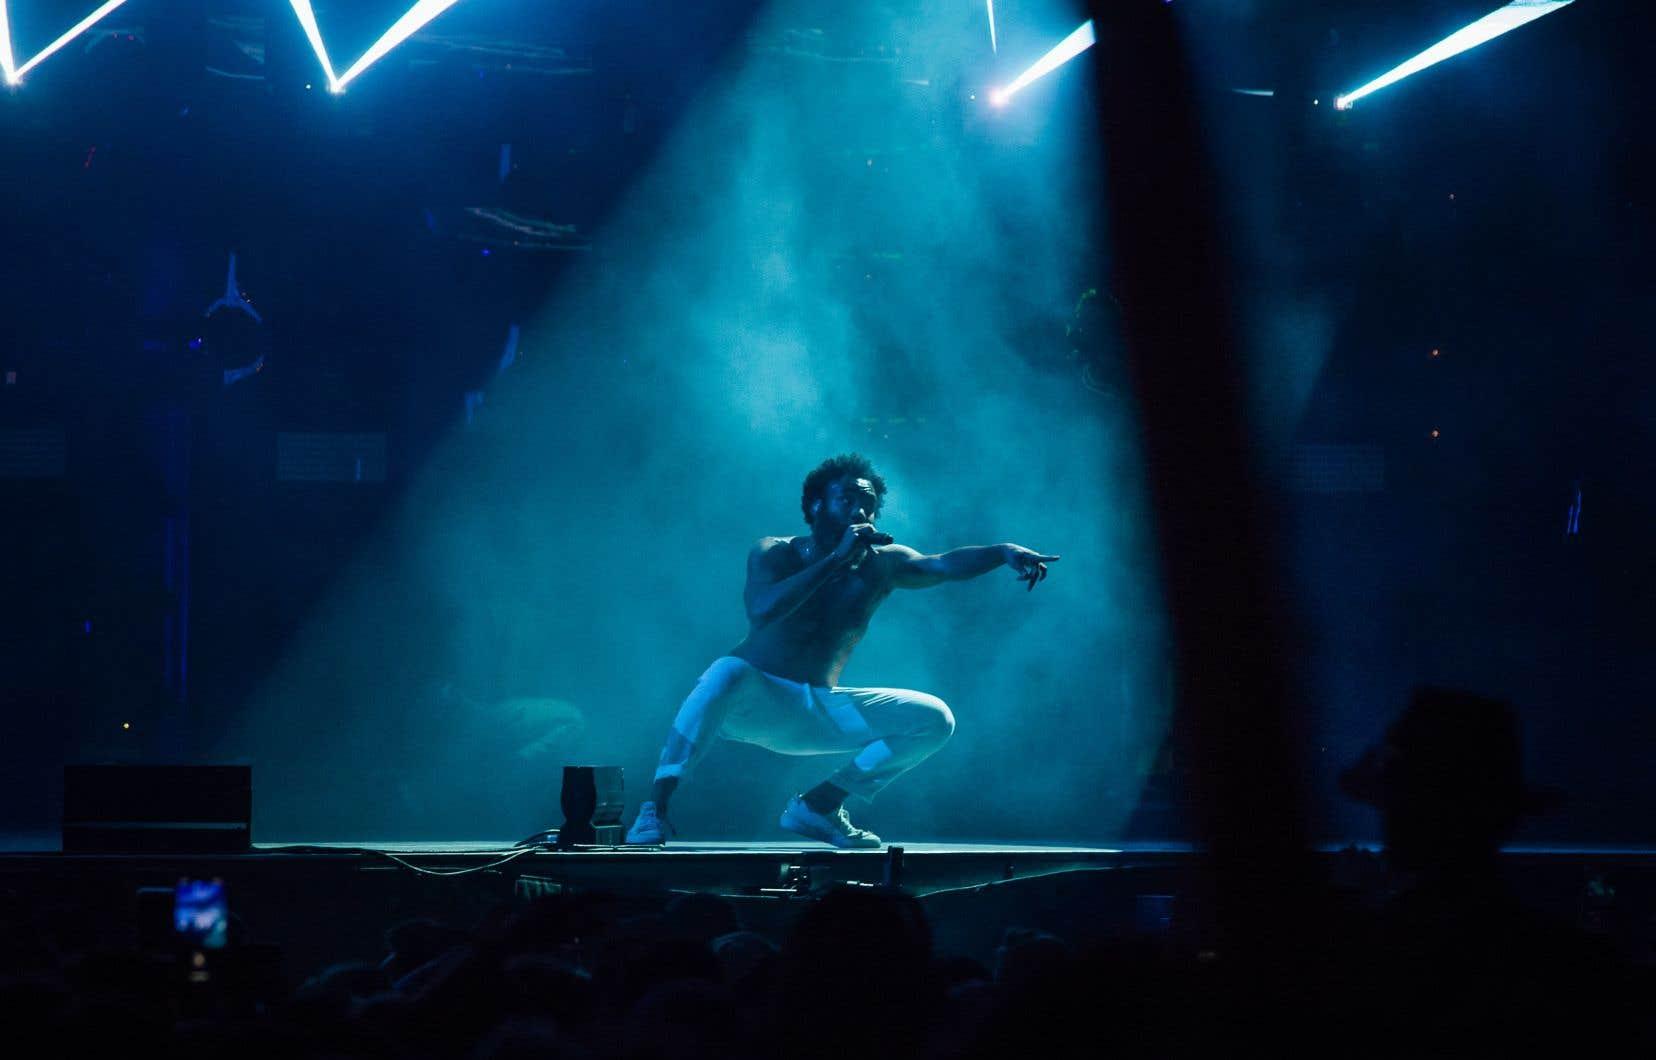 Hier soir, Childish Gambino a chanté plus que rappé, dansé beaucoup, couru partout de la scène aux clôtures de sécurité.